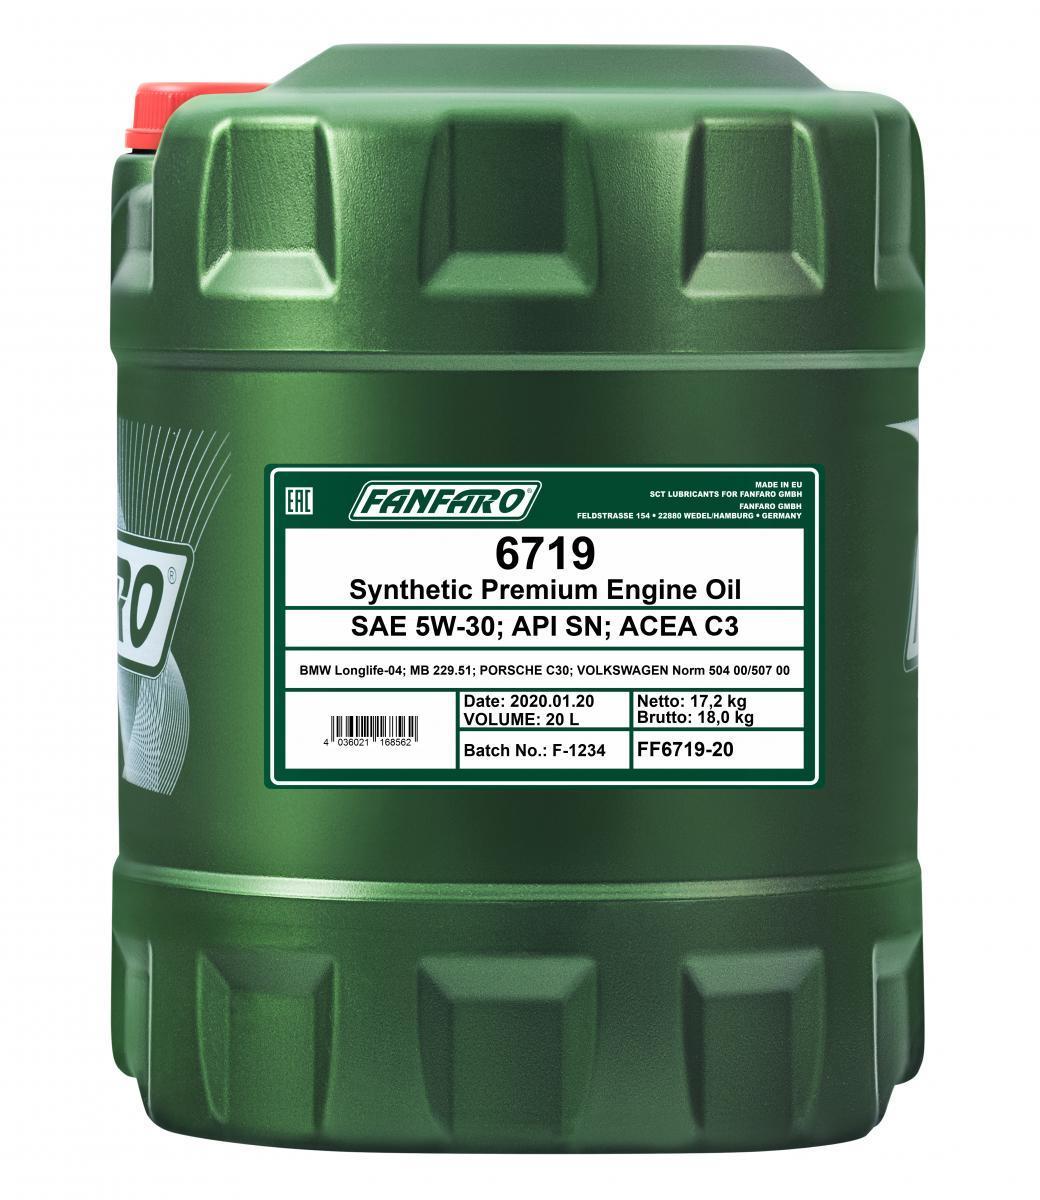 FF6719-20 FANFARO Motoröl Bewertung